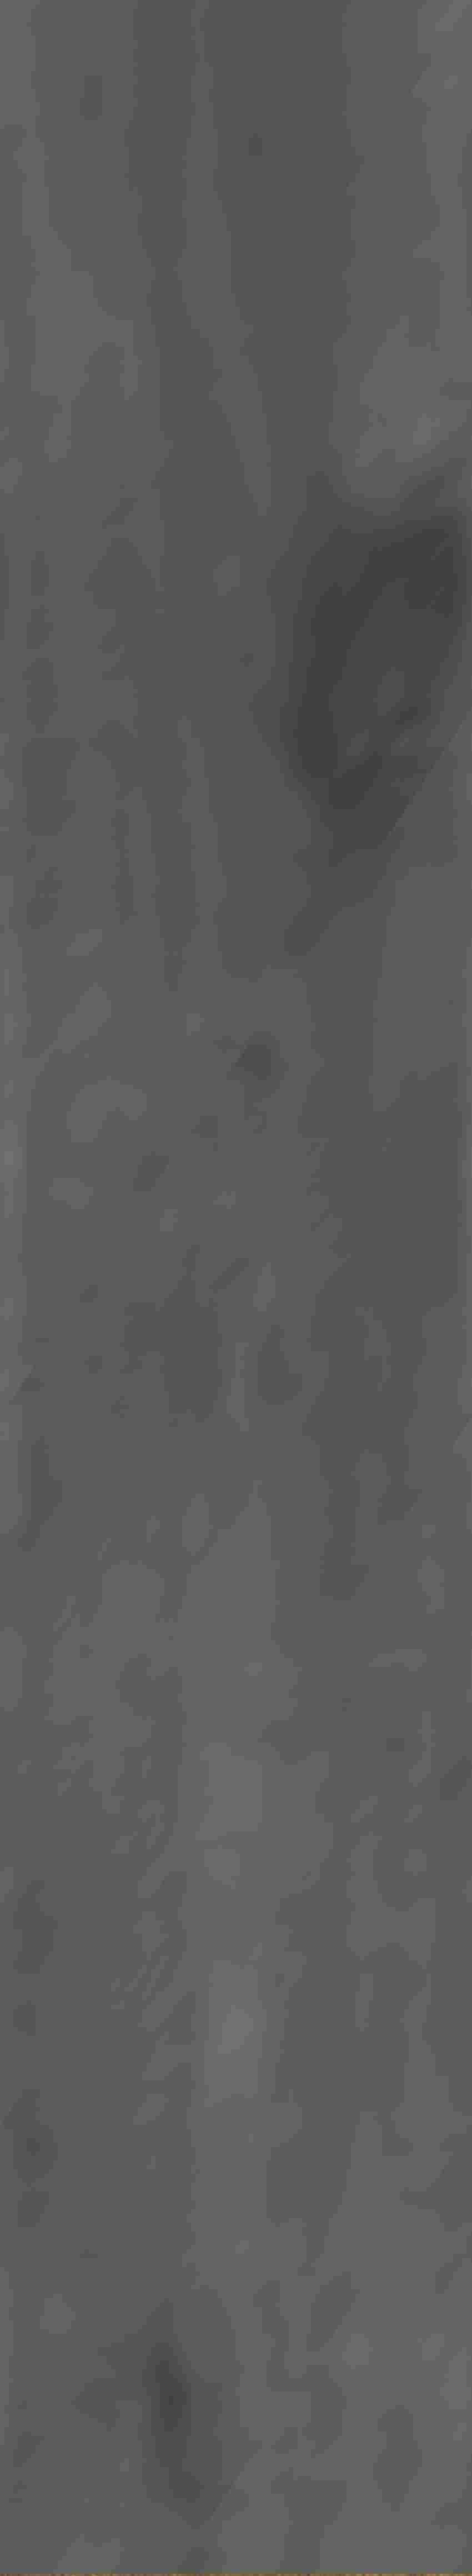 Płytka ścienno-podłogowa Cerrad Giornata Marrone 4